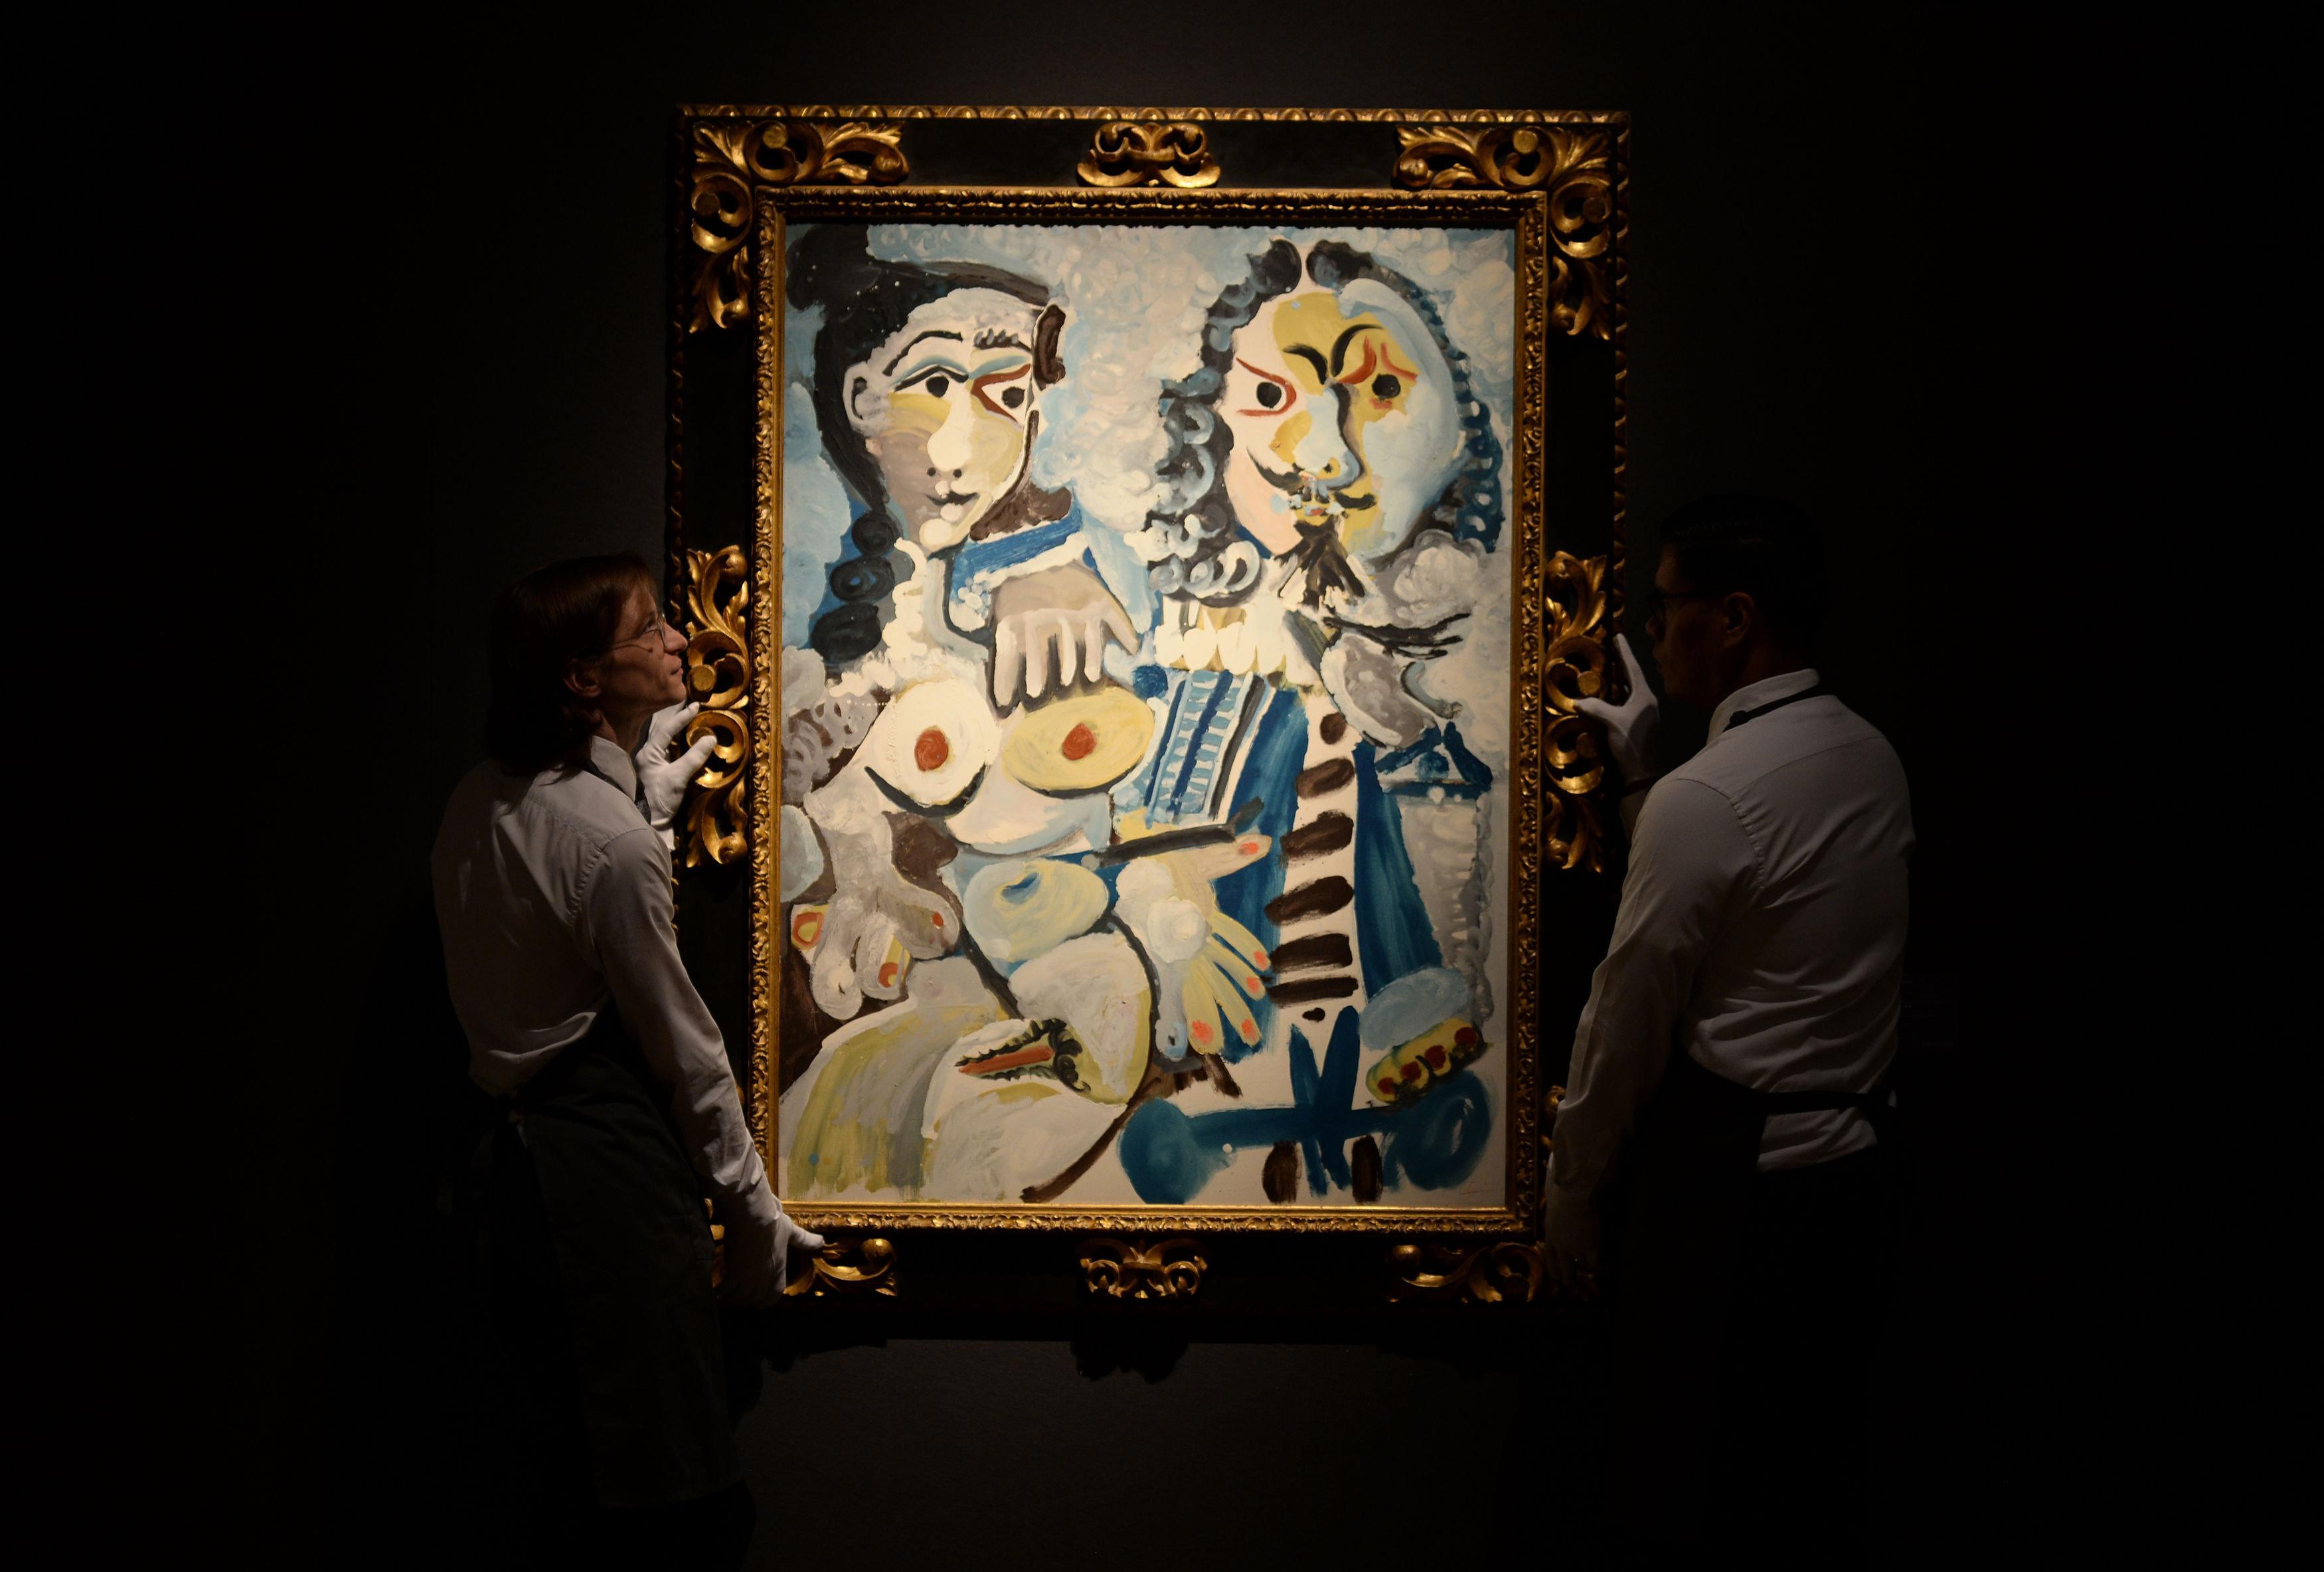 Ο Picasso πιο επίκαιρος από ποτέ: 13 πίνακές του πωλήθηκαν για 115 εκ.